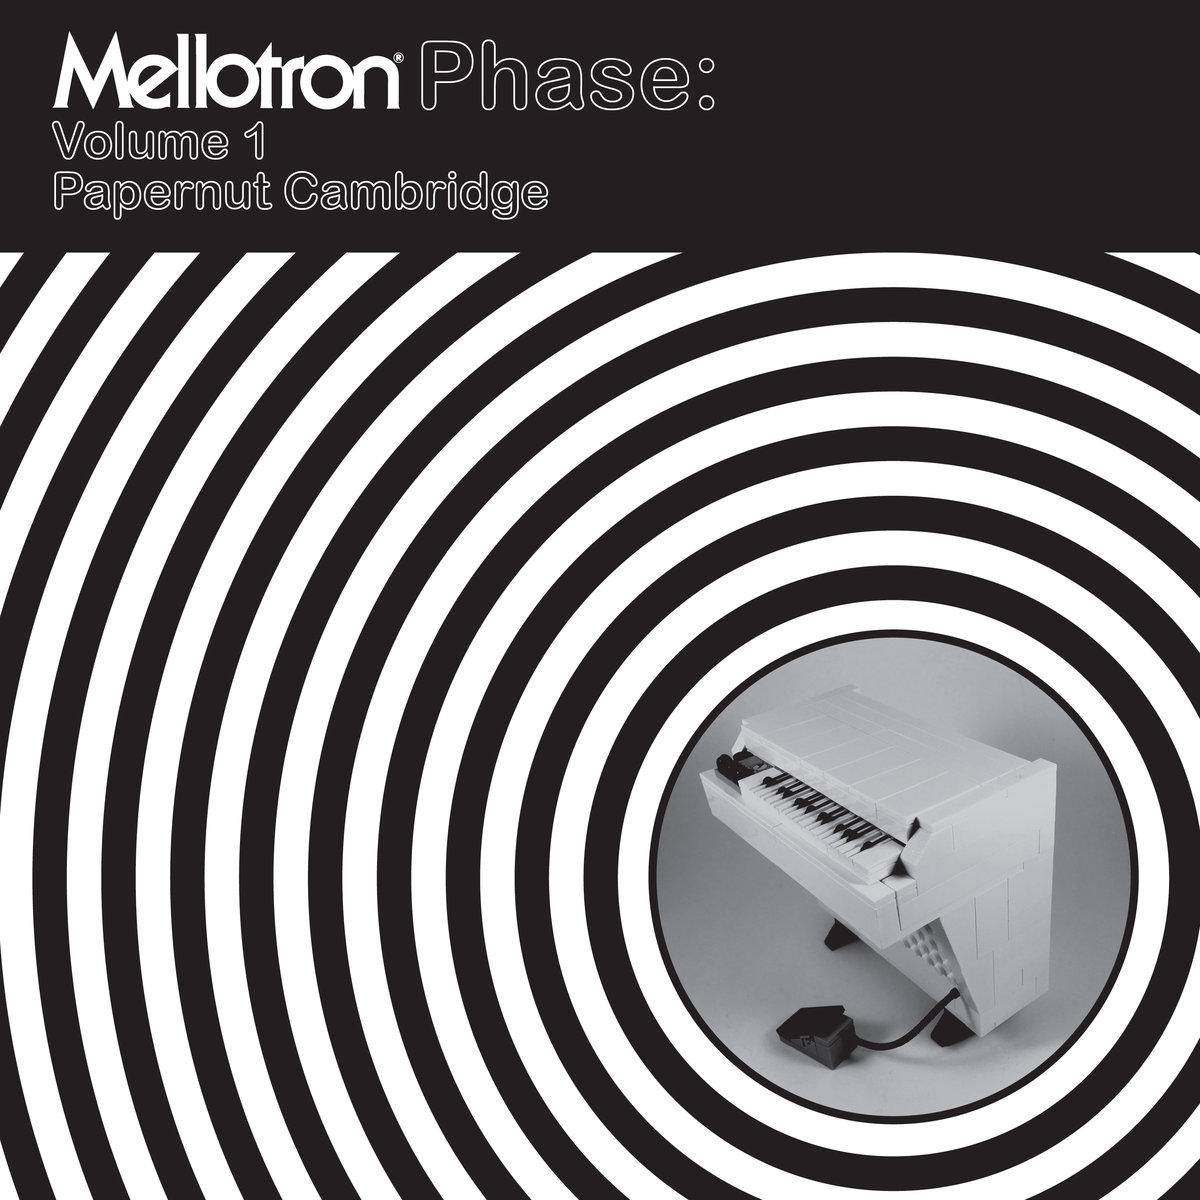 Papernut Cambridge - Mellotron Phase: Volume 1